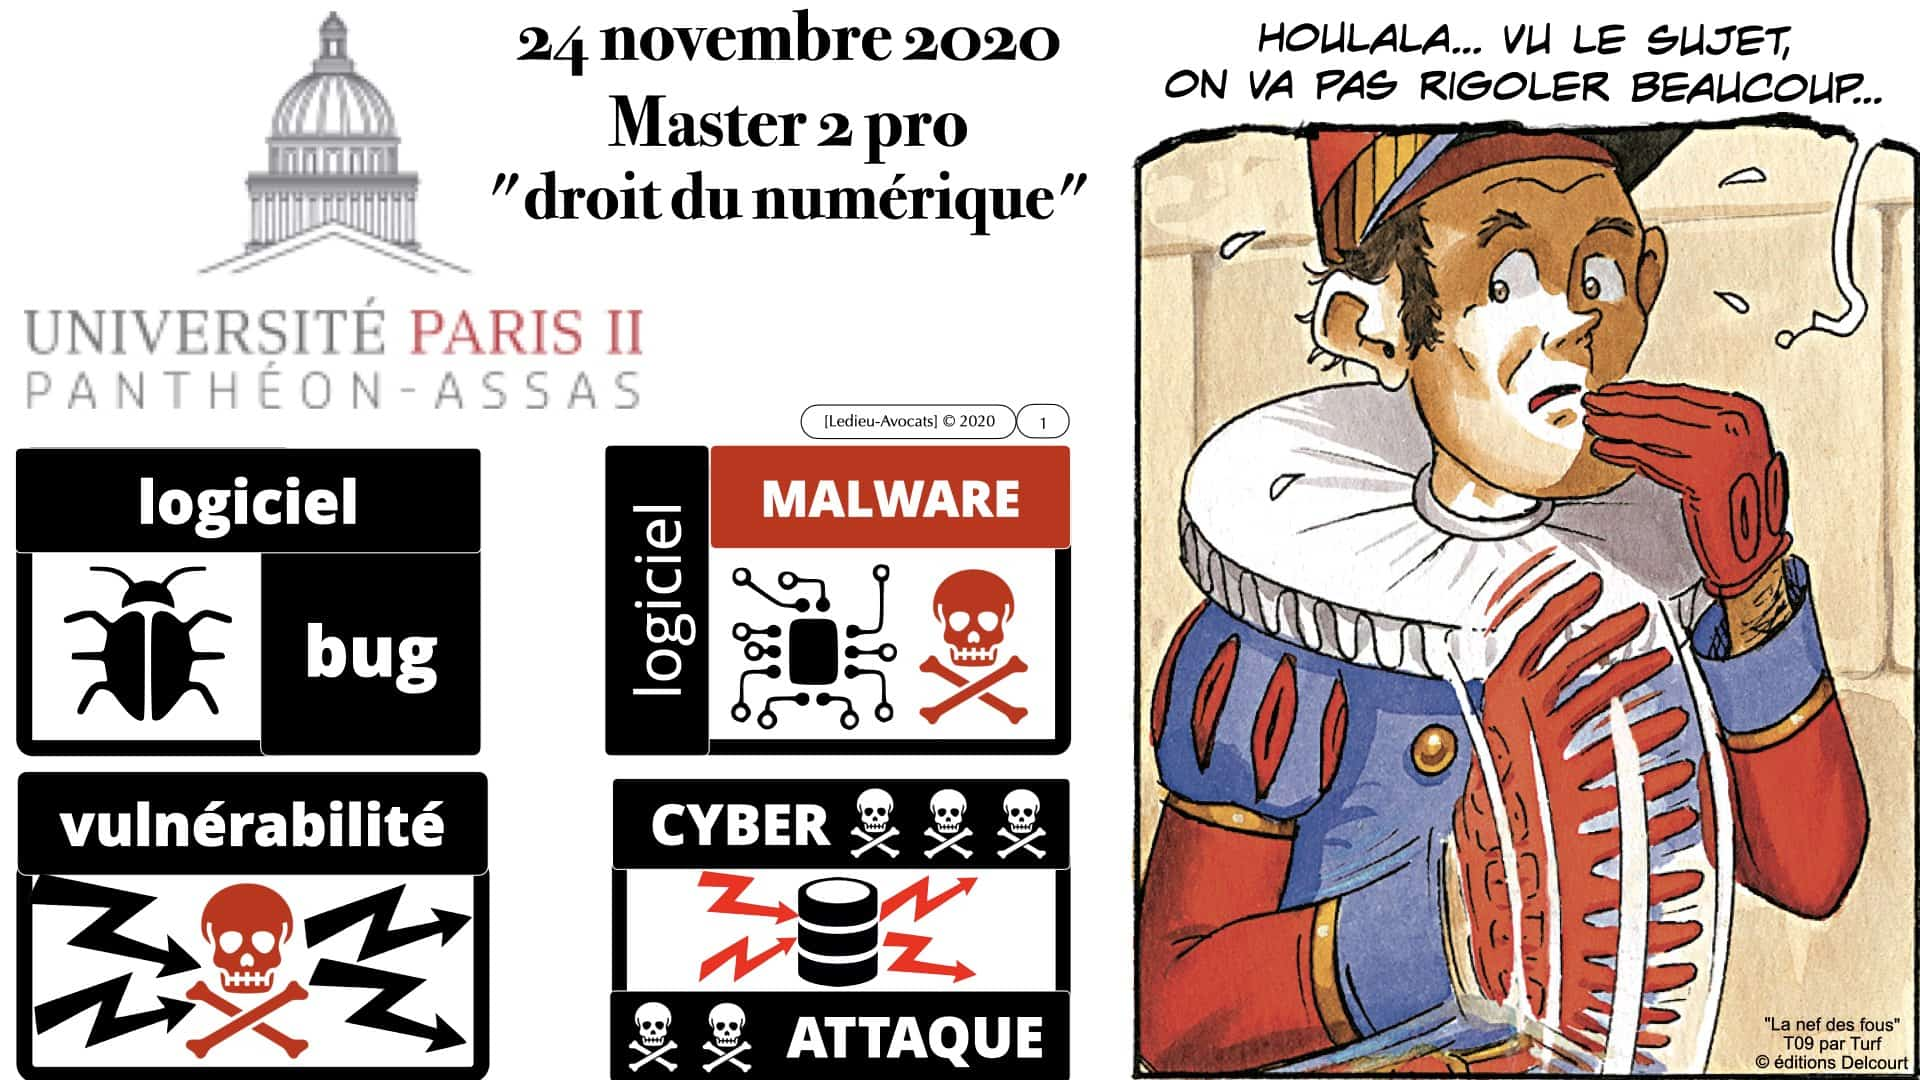 logiciel bug malware vulnérabilité M2 Droit du Numérique 11/2020